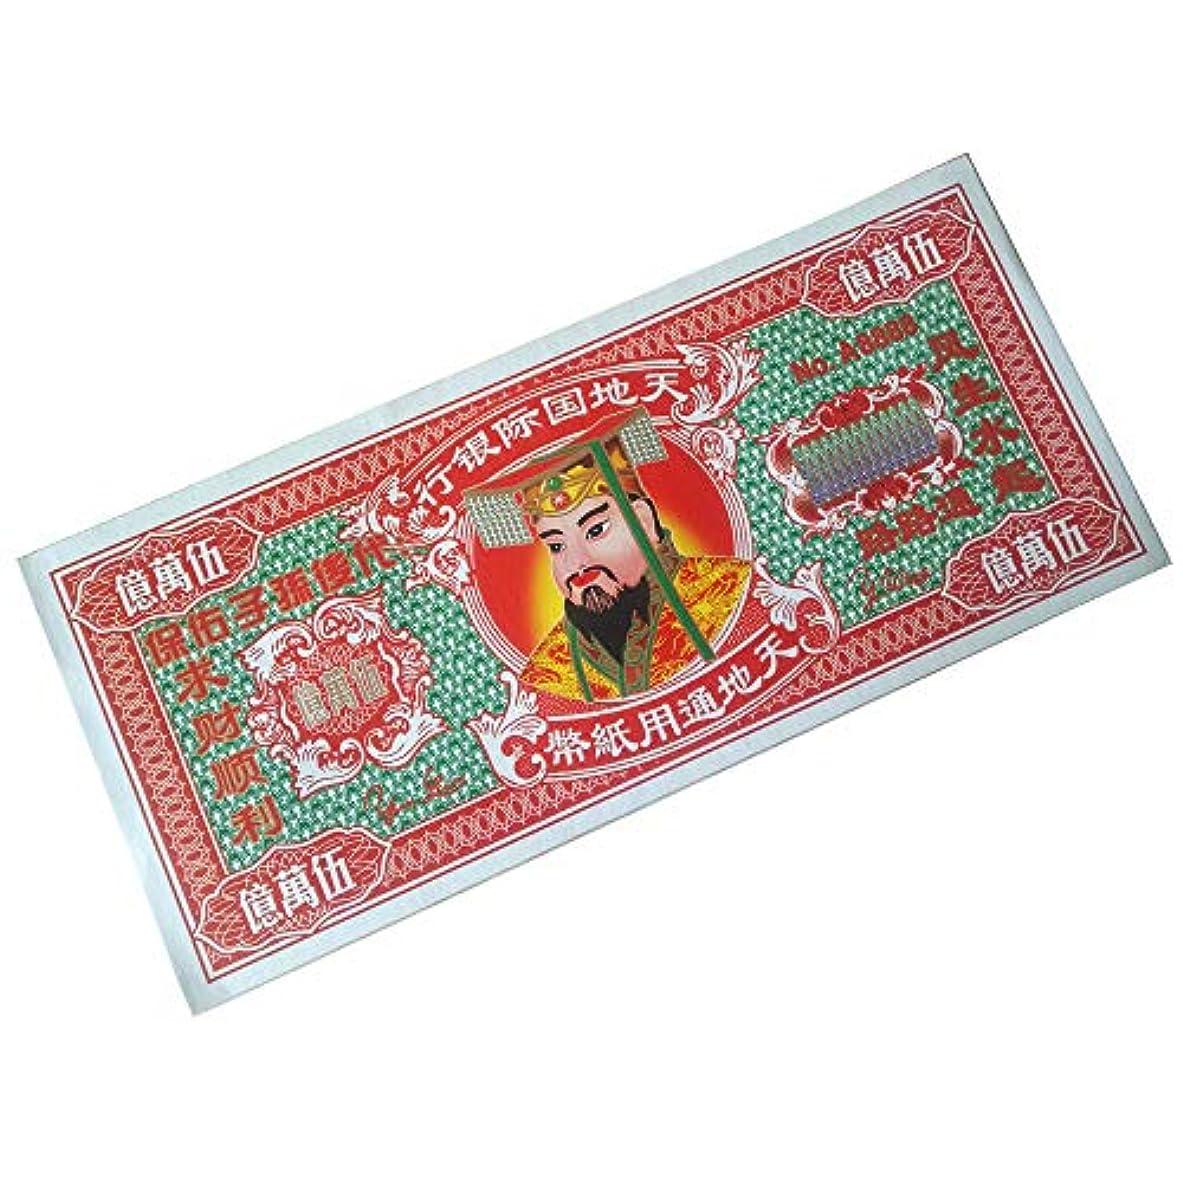 富七面鳥保育園ZeeStar 30点 中国麻雀 紙幣 大型 地獄の貯金箱 ノート 100ドル札 (5枚) 16.8×7.4インチ